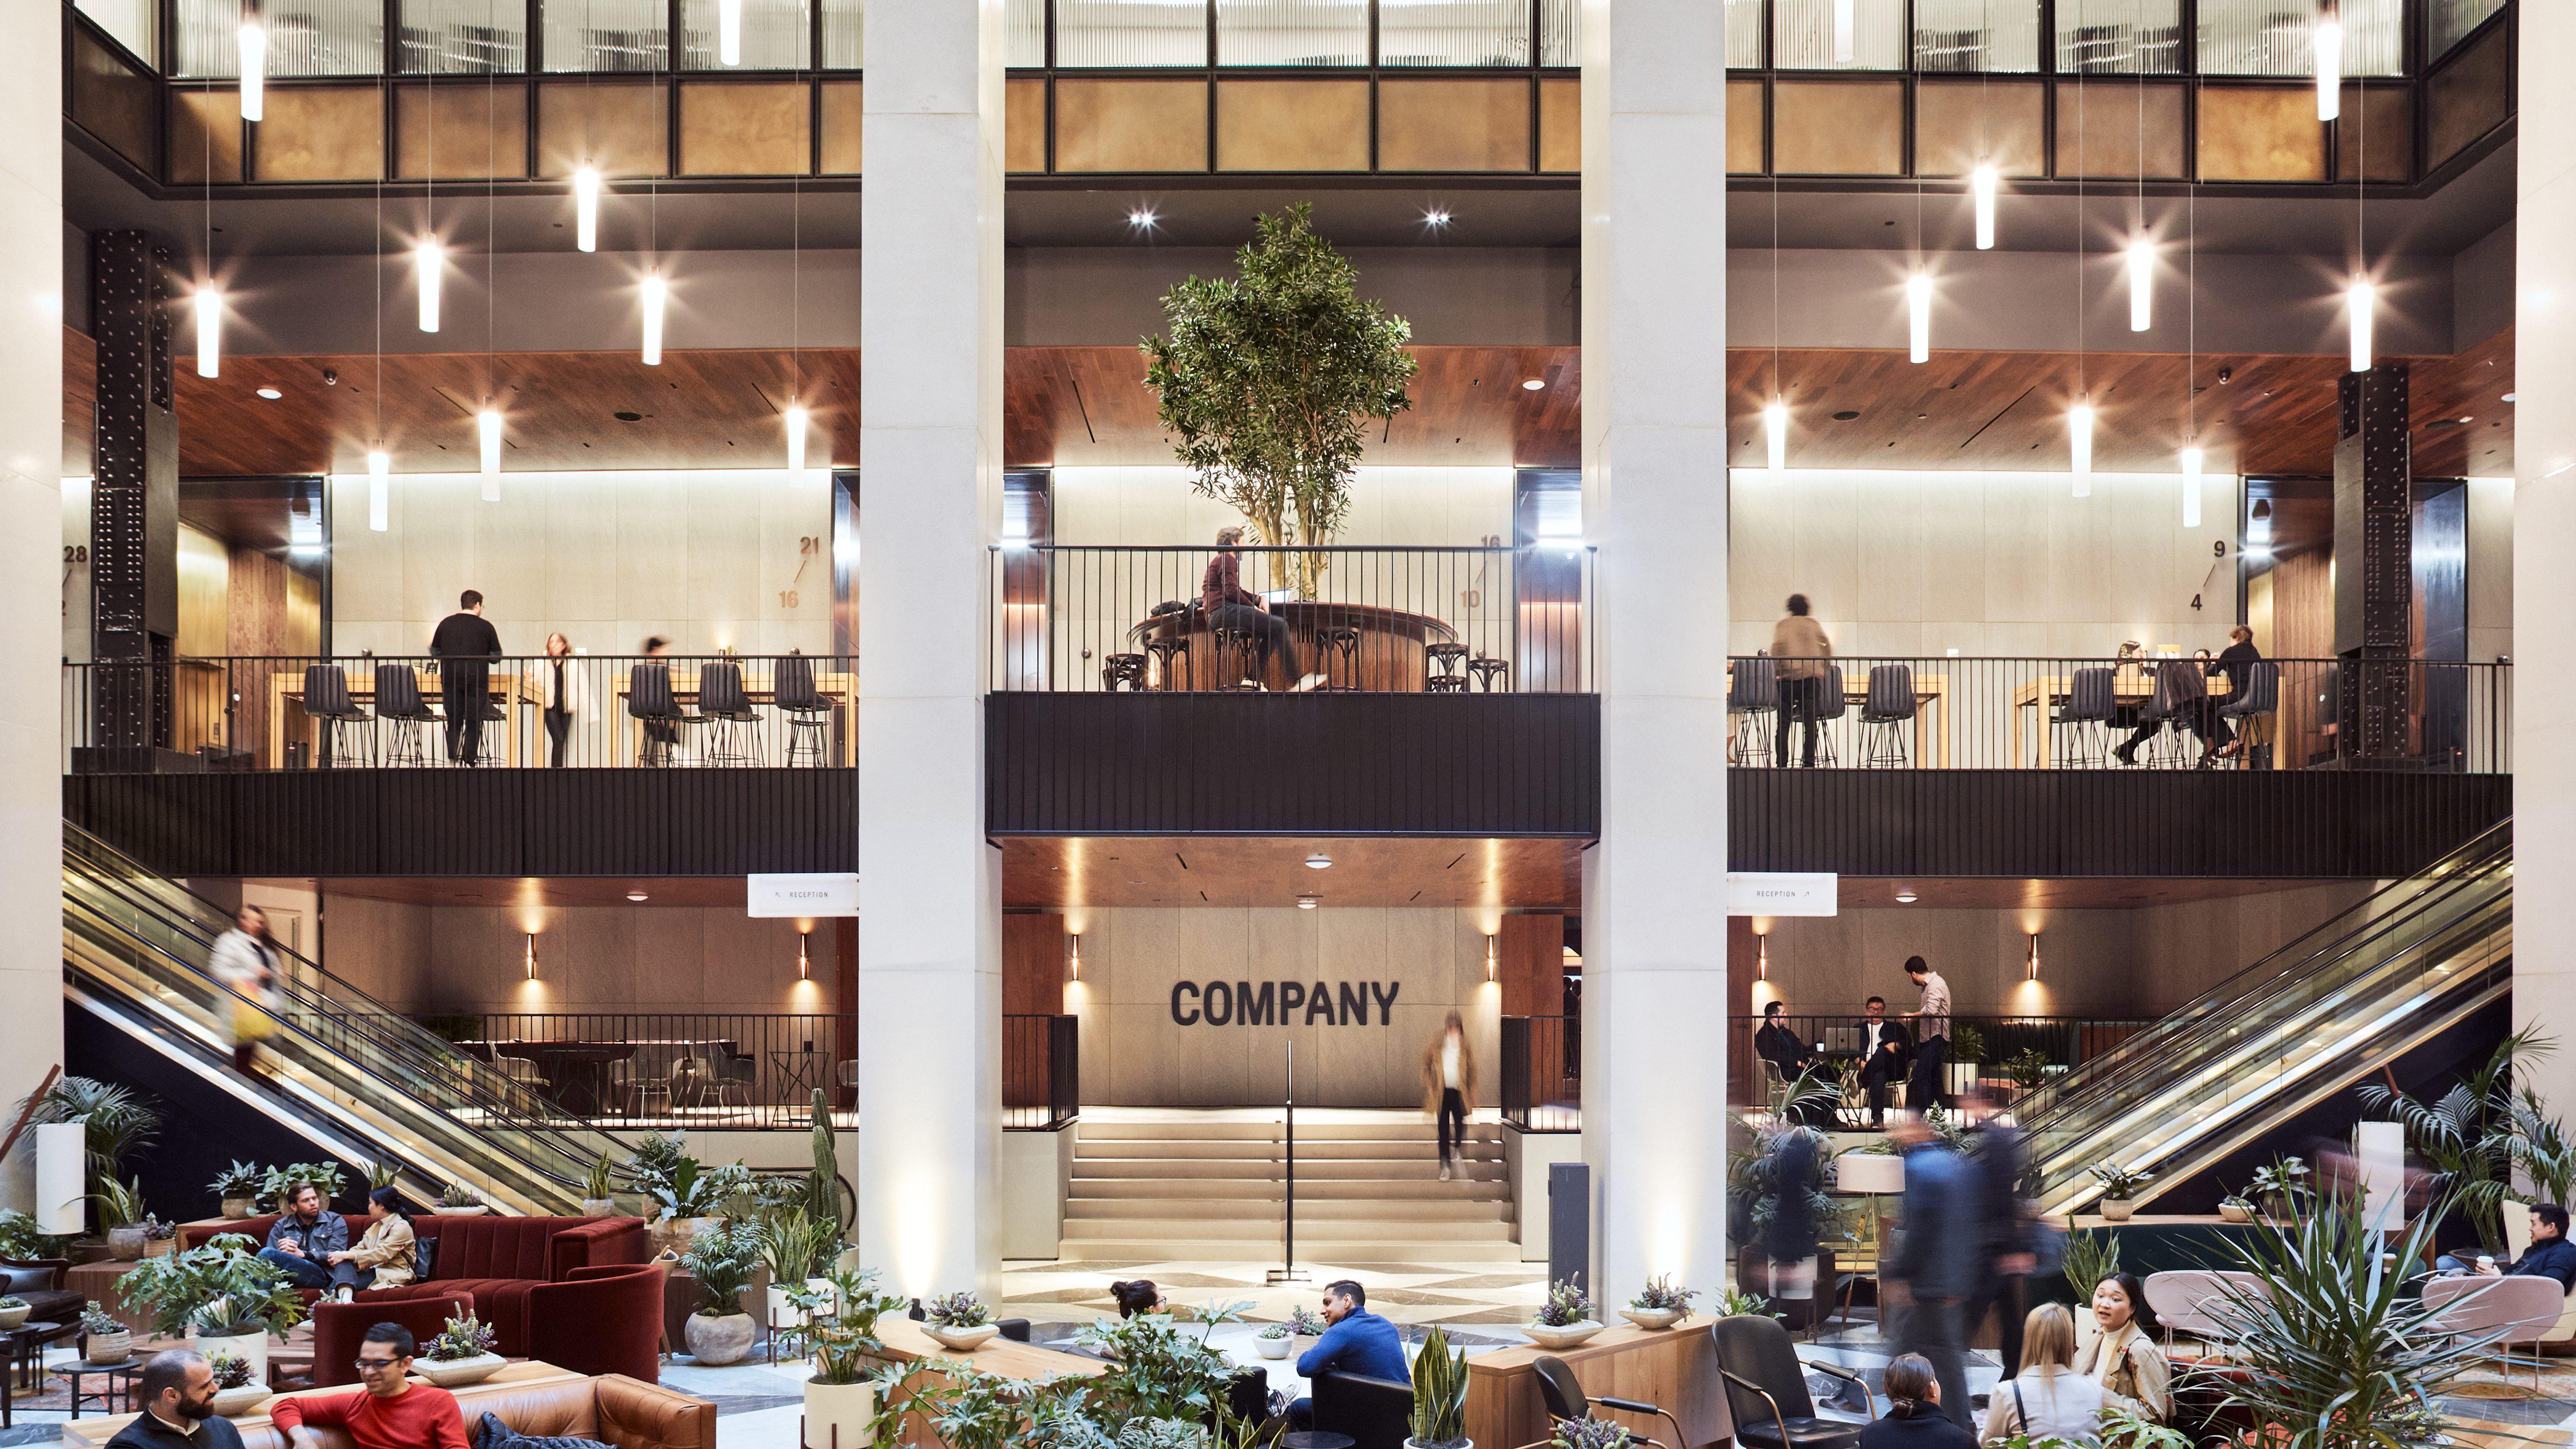 Company's lobby in New York City